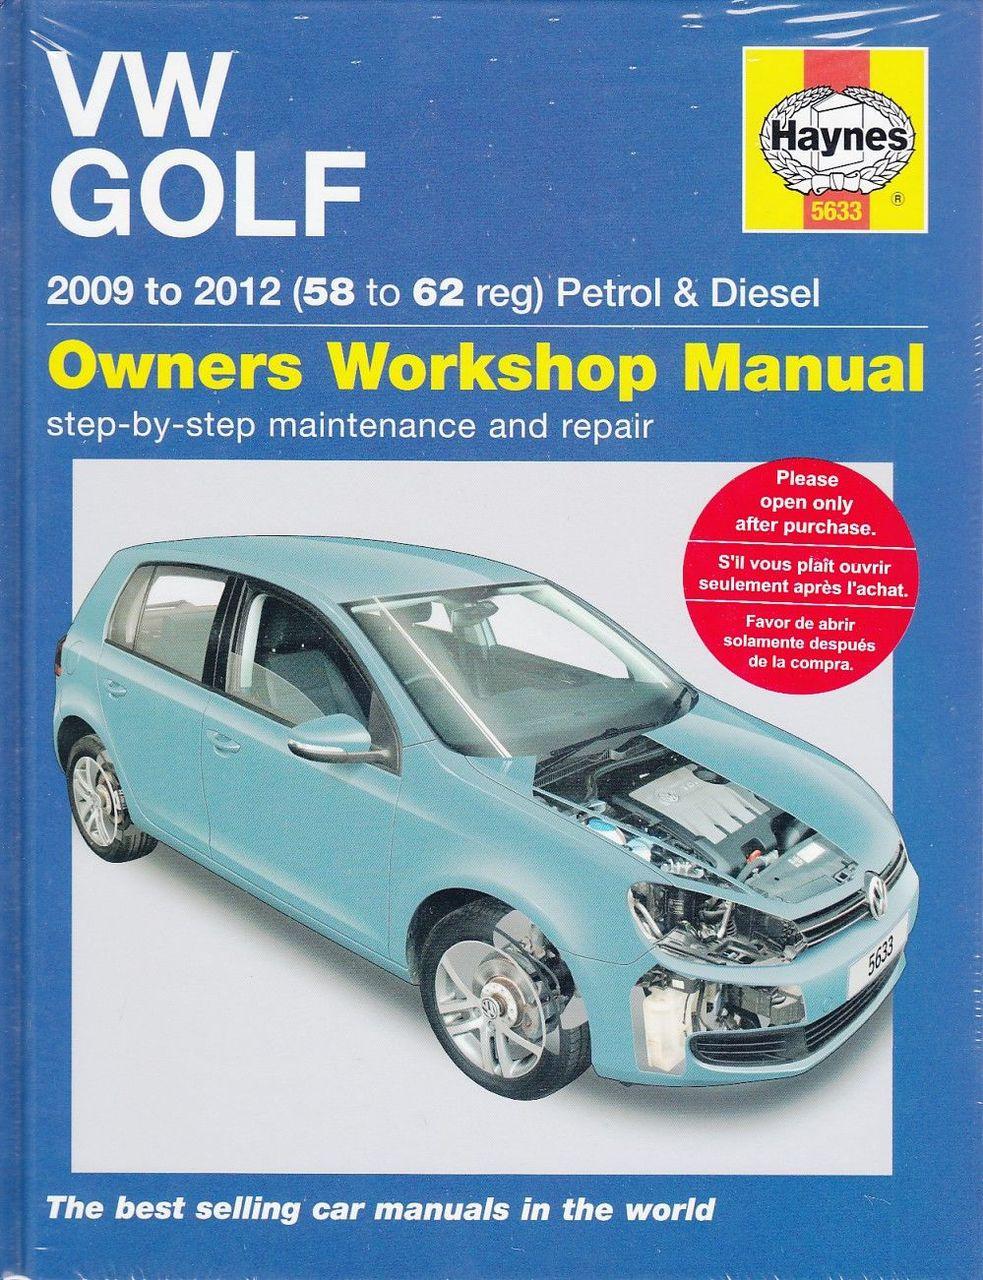 VW Golf MK VI Petrol 1 4L, Turbo Diesel 1 6L, 2 0L 2009 - 2012 Workshop  Manual